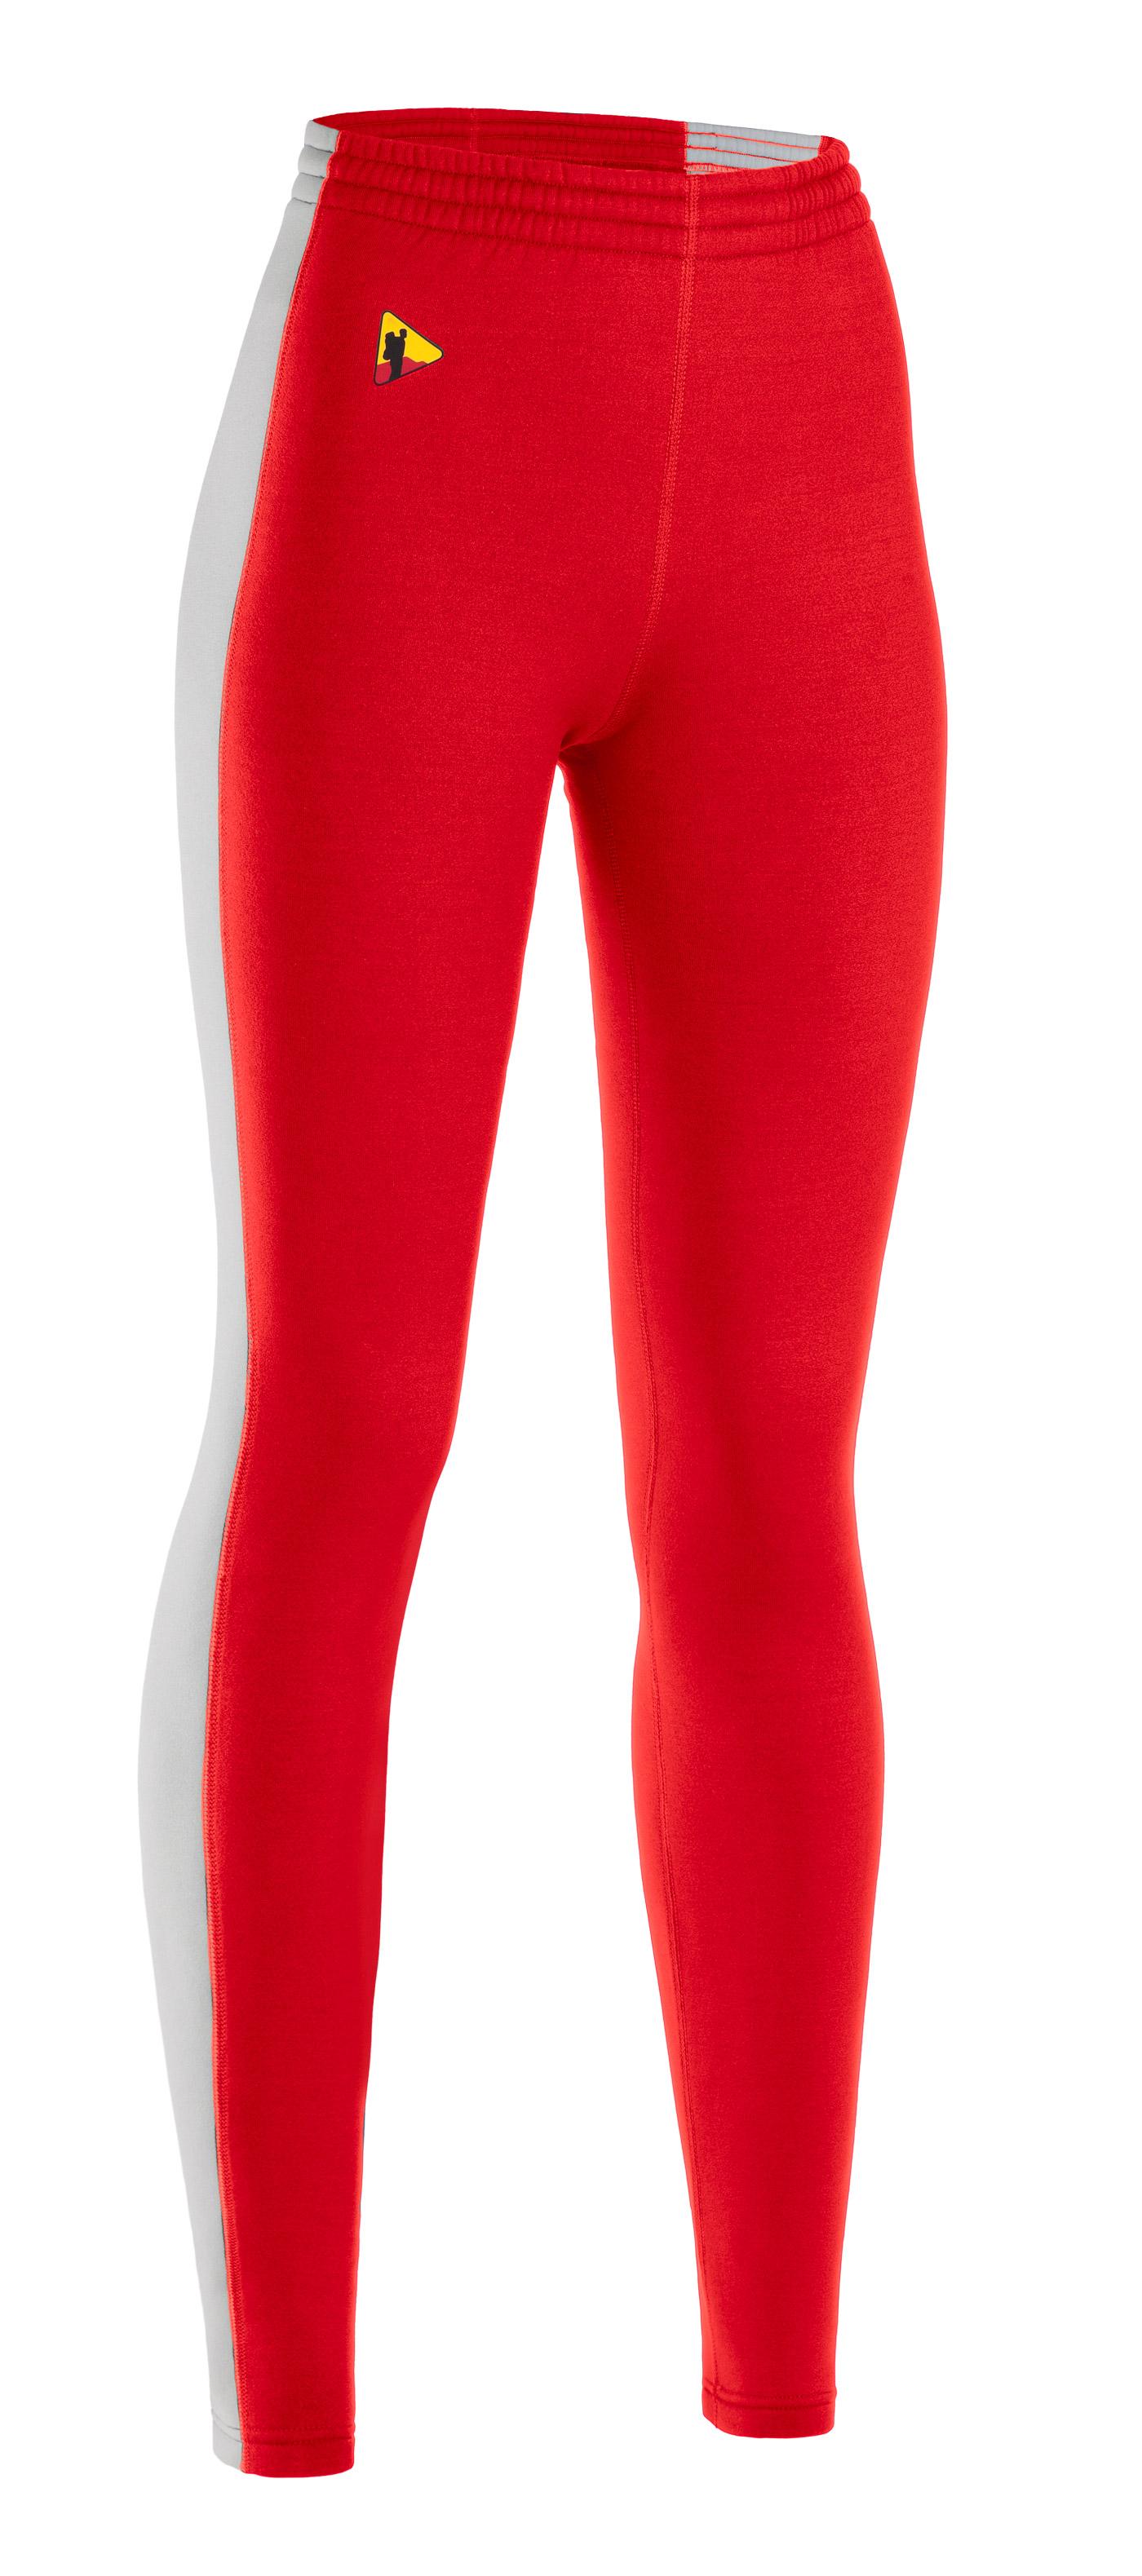 Купить Термобелье брюки женские BASK T-SKIN LP LADY PNT красный/серый свтл, Компания БАСК